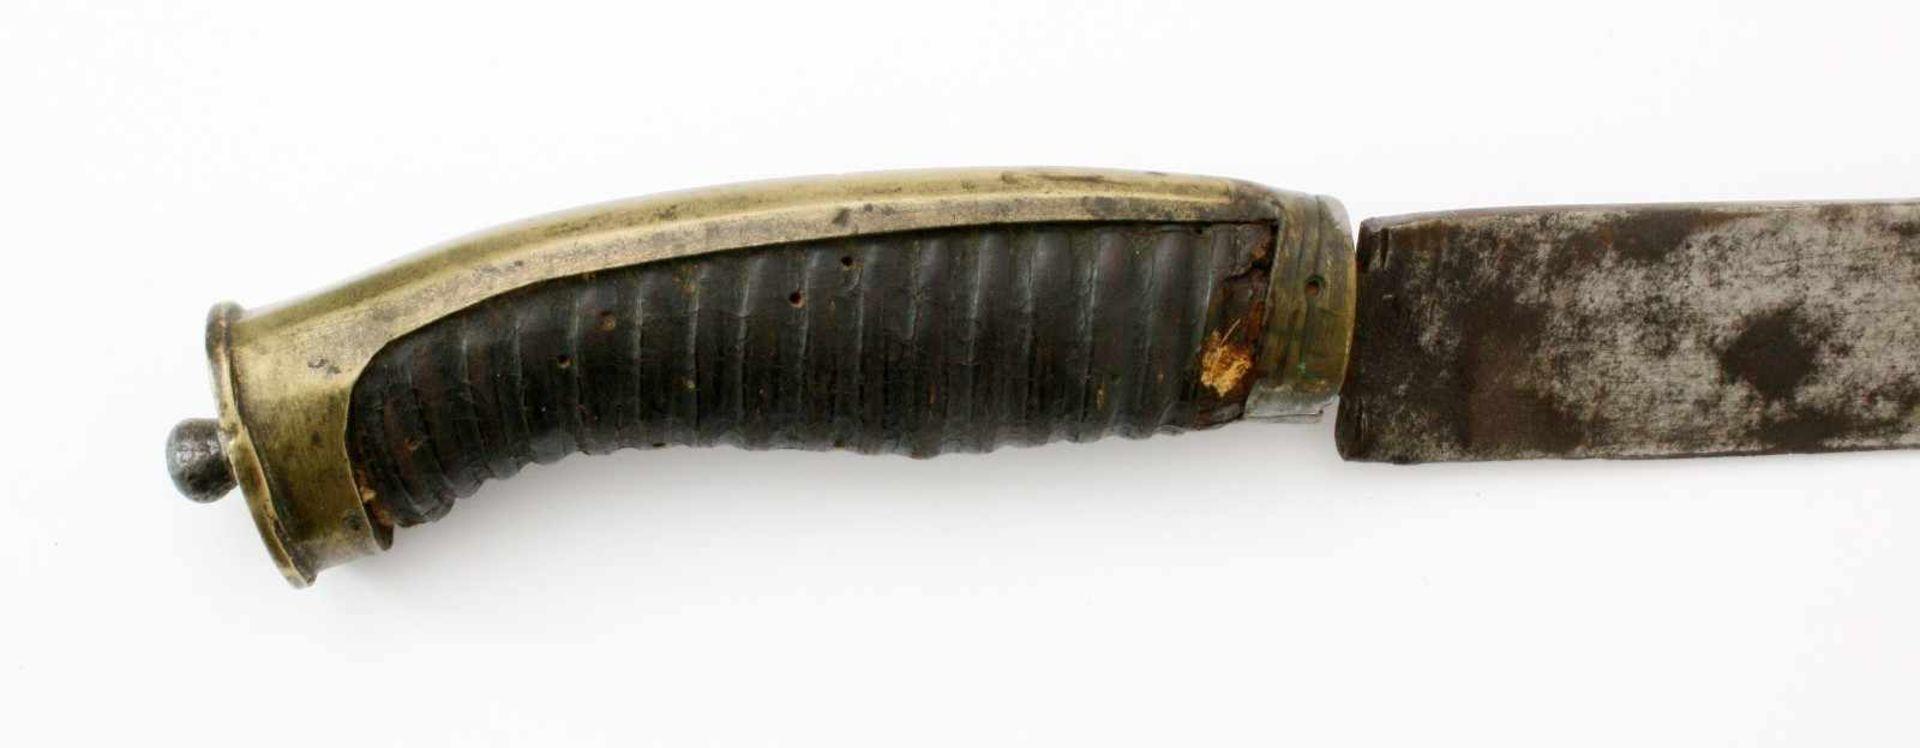 Grenadier-Säbel um 1800Leicht gekrümmte Rückenklinge. Die belederte Holzhilze messingmontiert. - Bild 3 aus 4